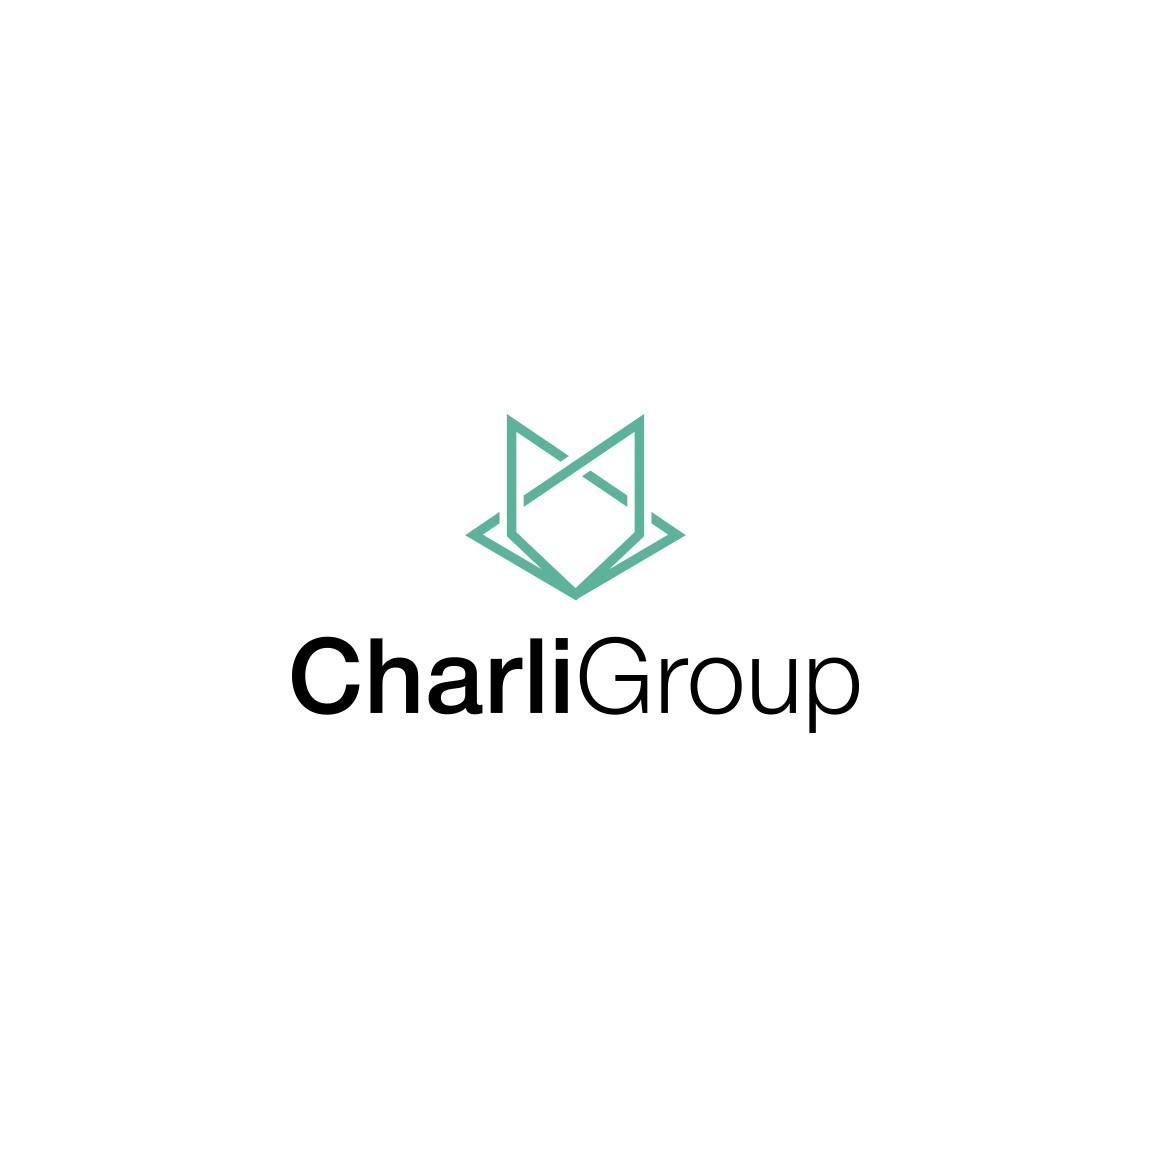 Aidez Charli à se lancer en lui créant un logo et un site